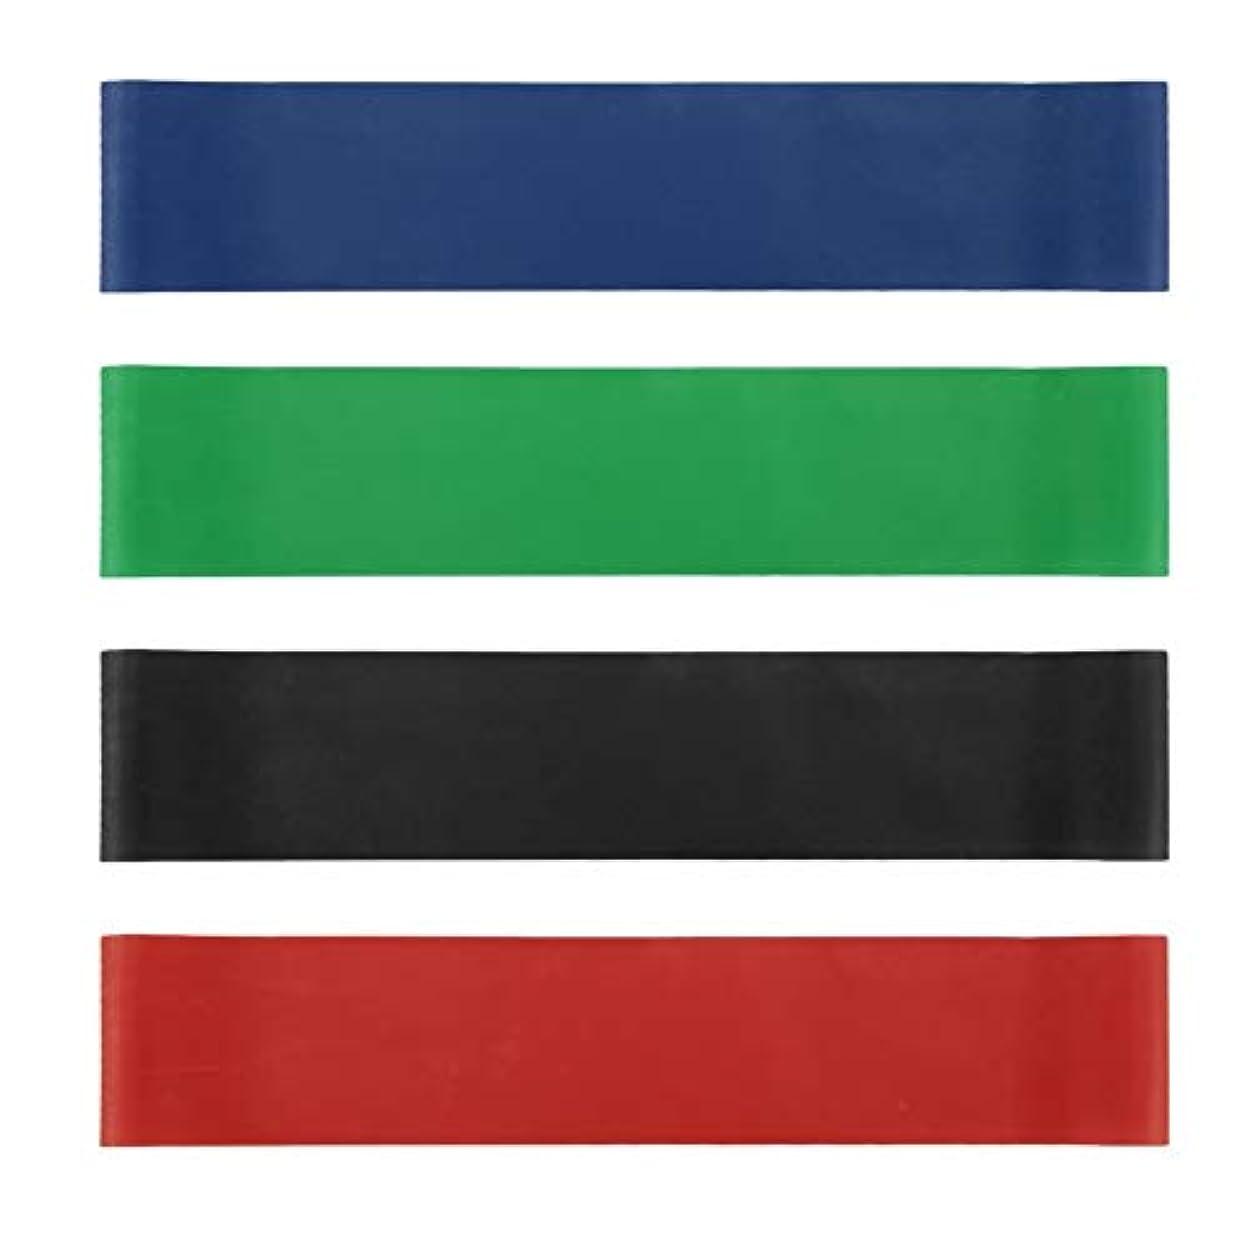 リーク限り勝者4本の伸縮性ゴム弾性ヨガベルトバンドプルロープ張力抵抗バンドループ強度のフィットネスヨガツール - レッド&ブルー&グリーン&ブラック